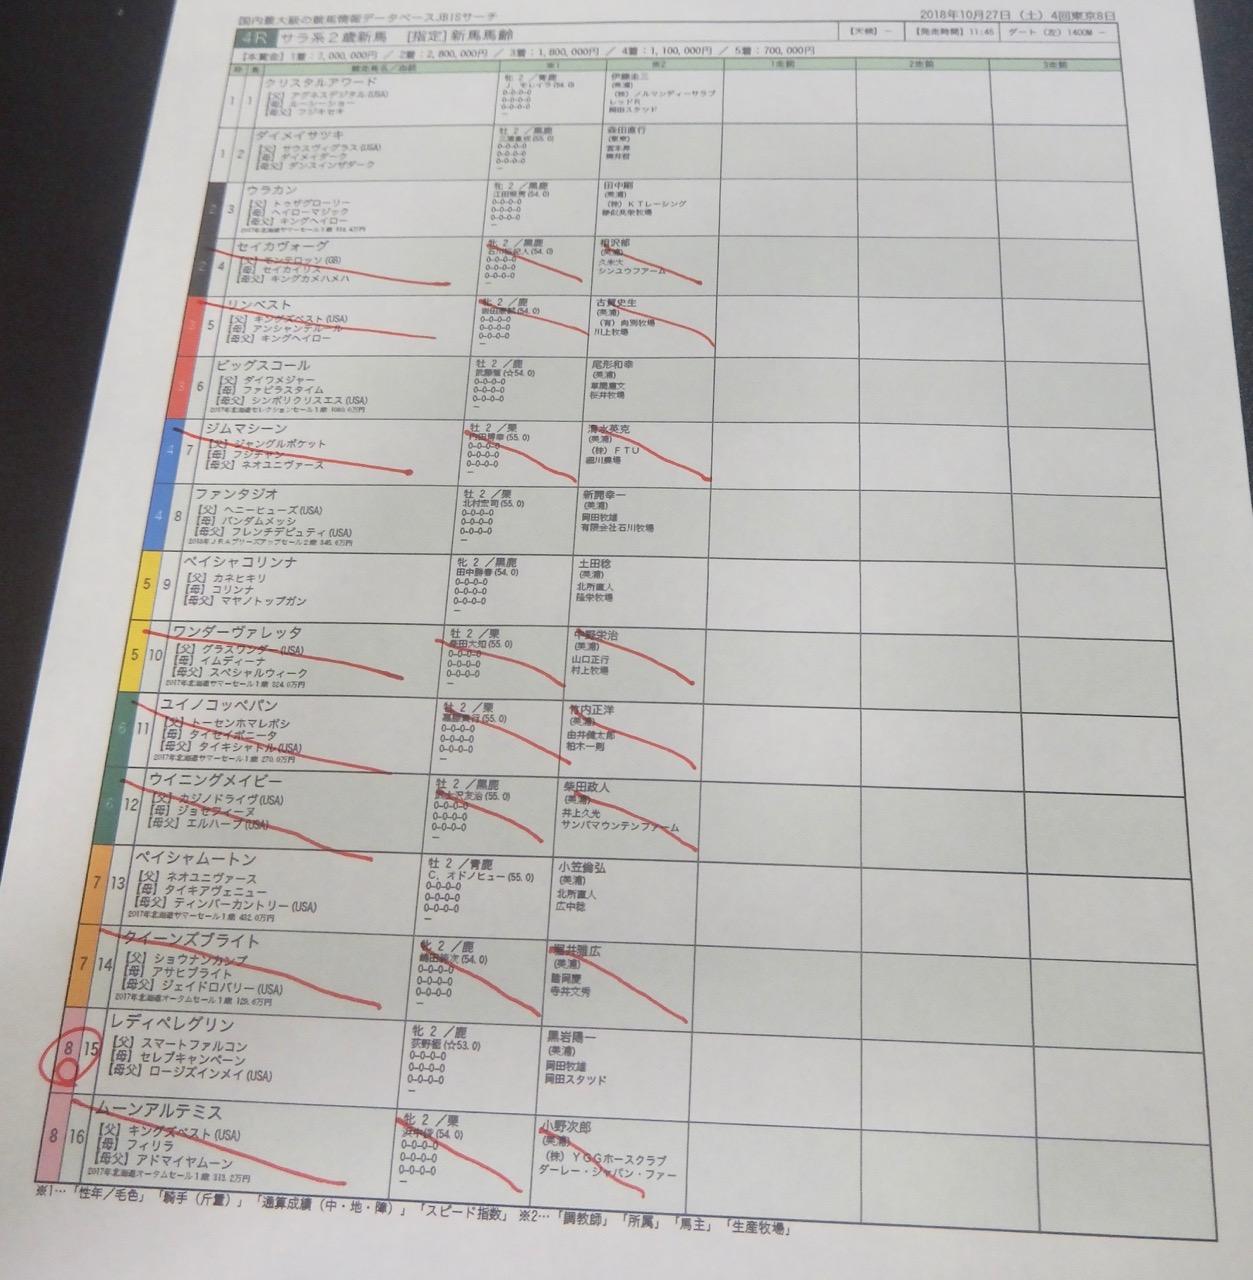 東京4レース、2歳新馬戦(ダート1400m)競馬予想。馬券本命、スマートファルコン産駒レディペレグリン(荻野極騎手、黒岩陽一厩舎)2018.10.27